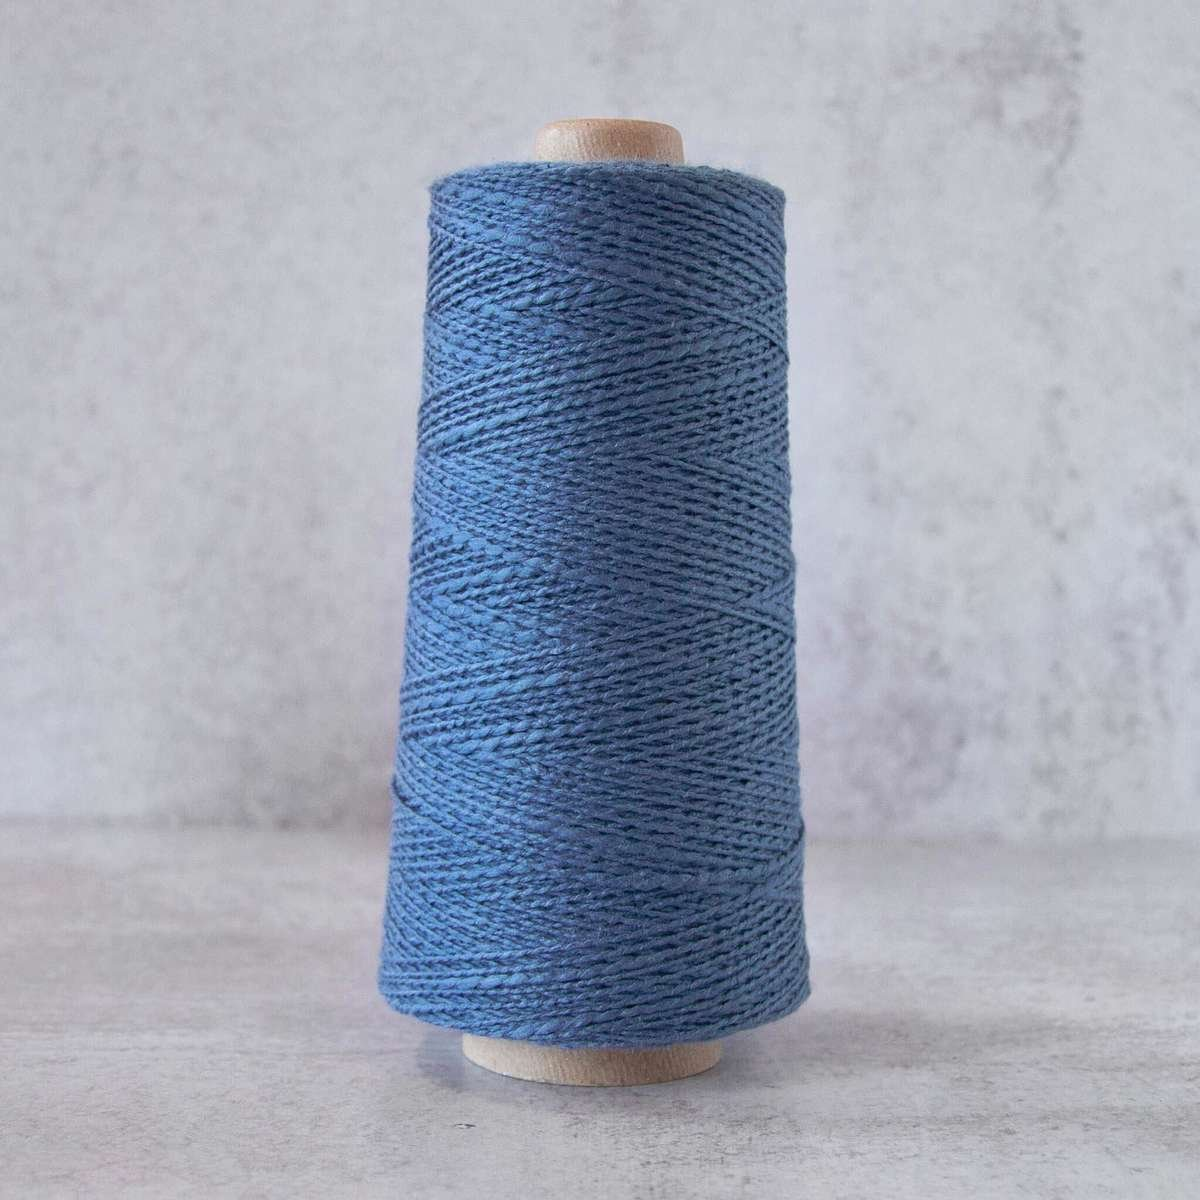 Mallo Cotton Slub Weaving Yarn